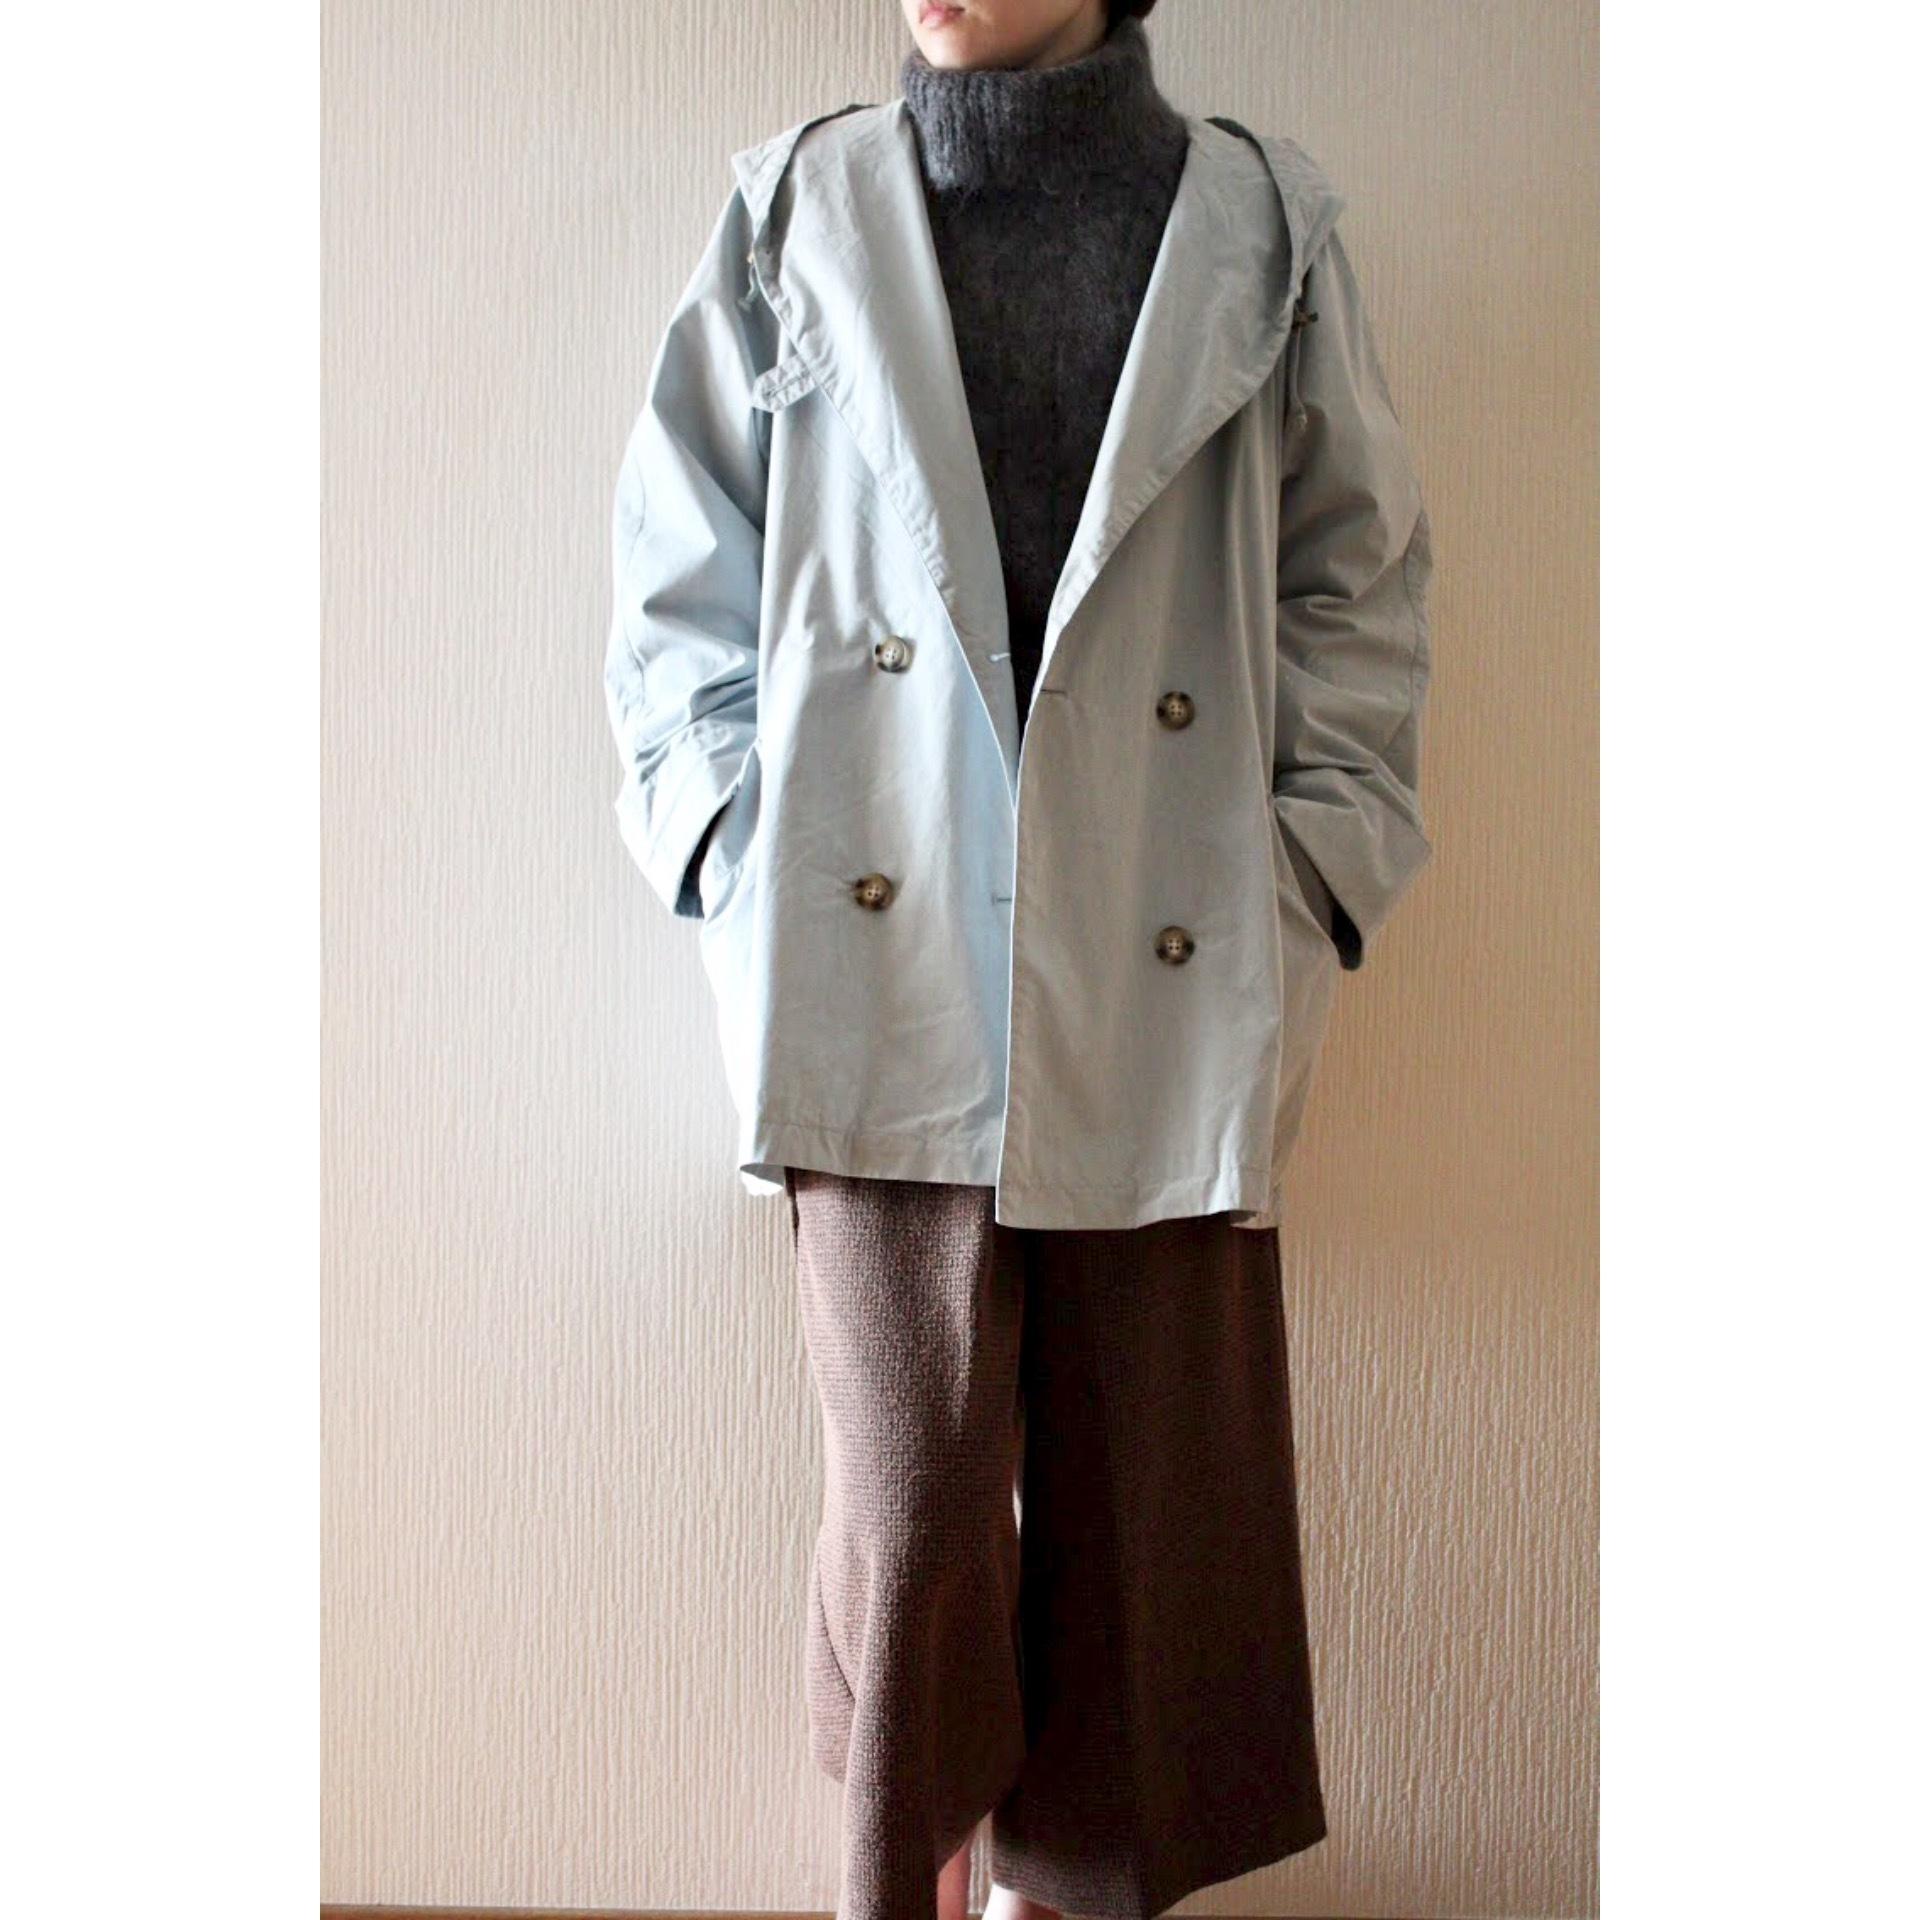 Vintage hooded jacket by Eddie Bauer